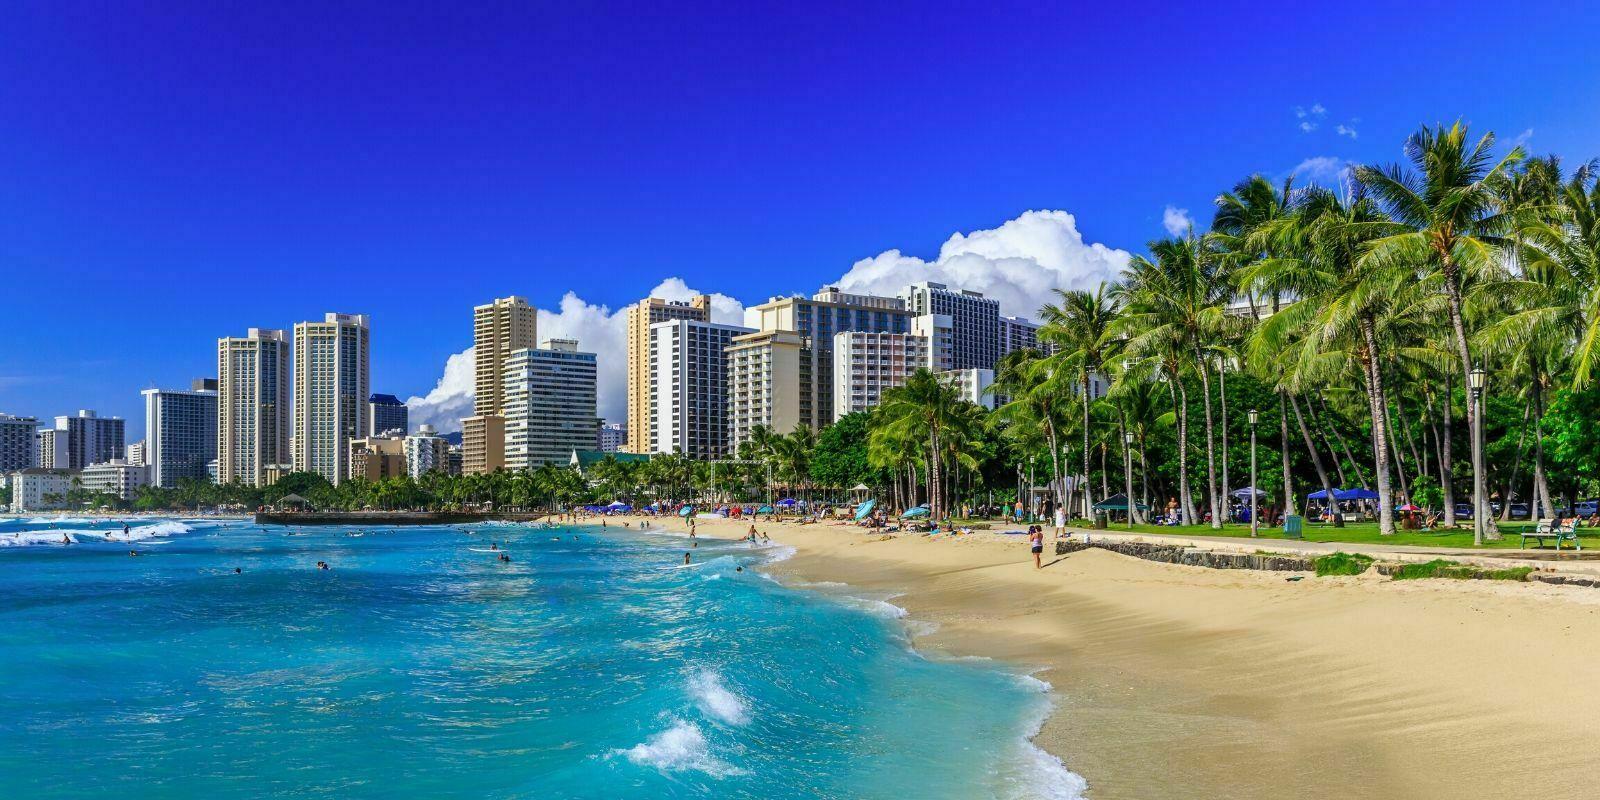 Hawaï met en place un environnement favorable aux entreprises cryptos